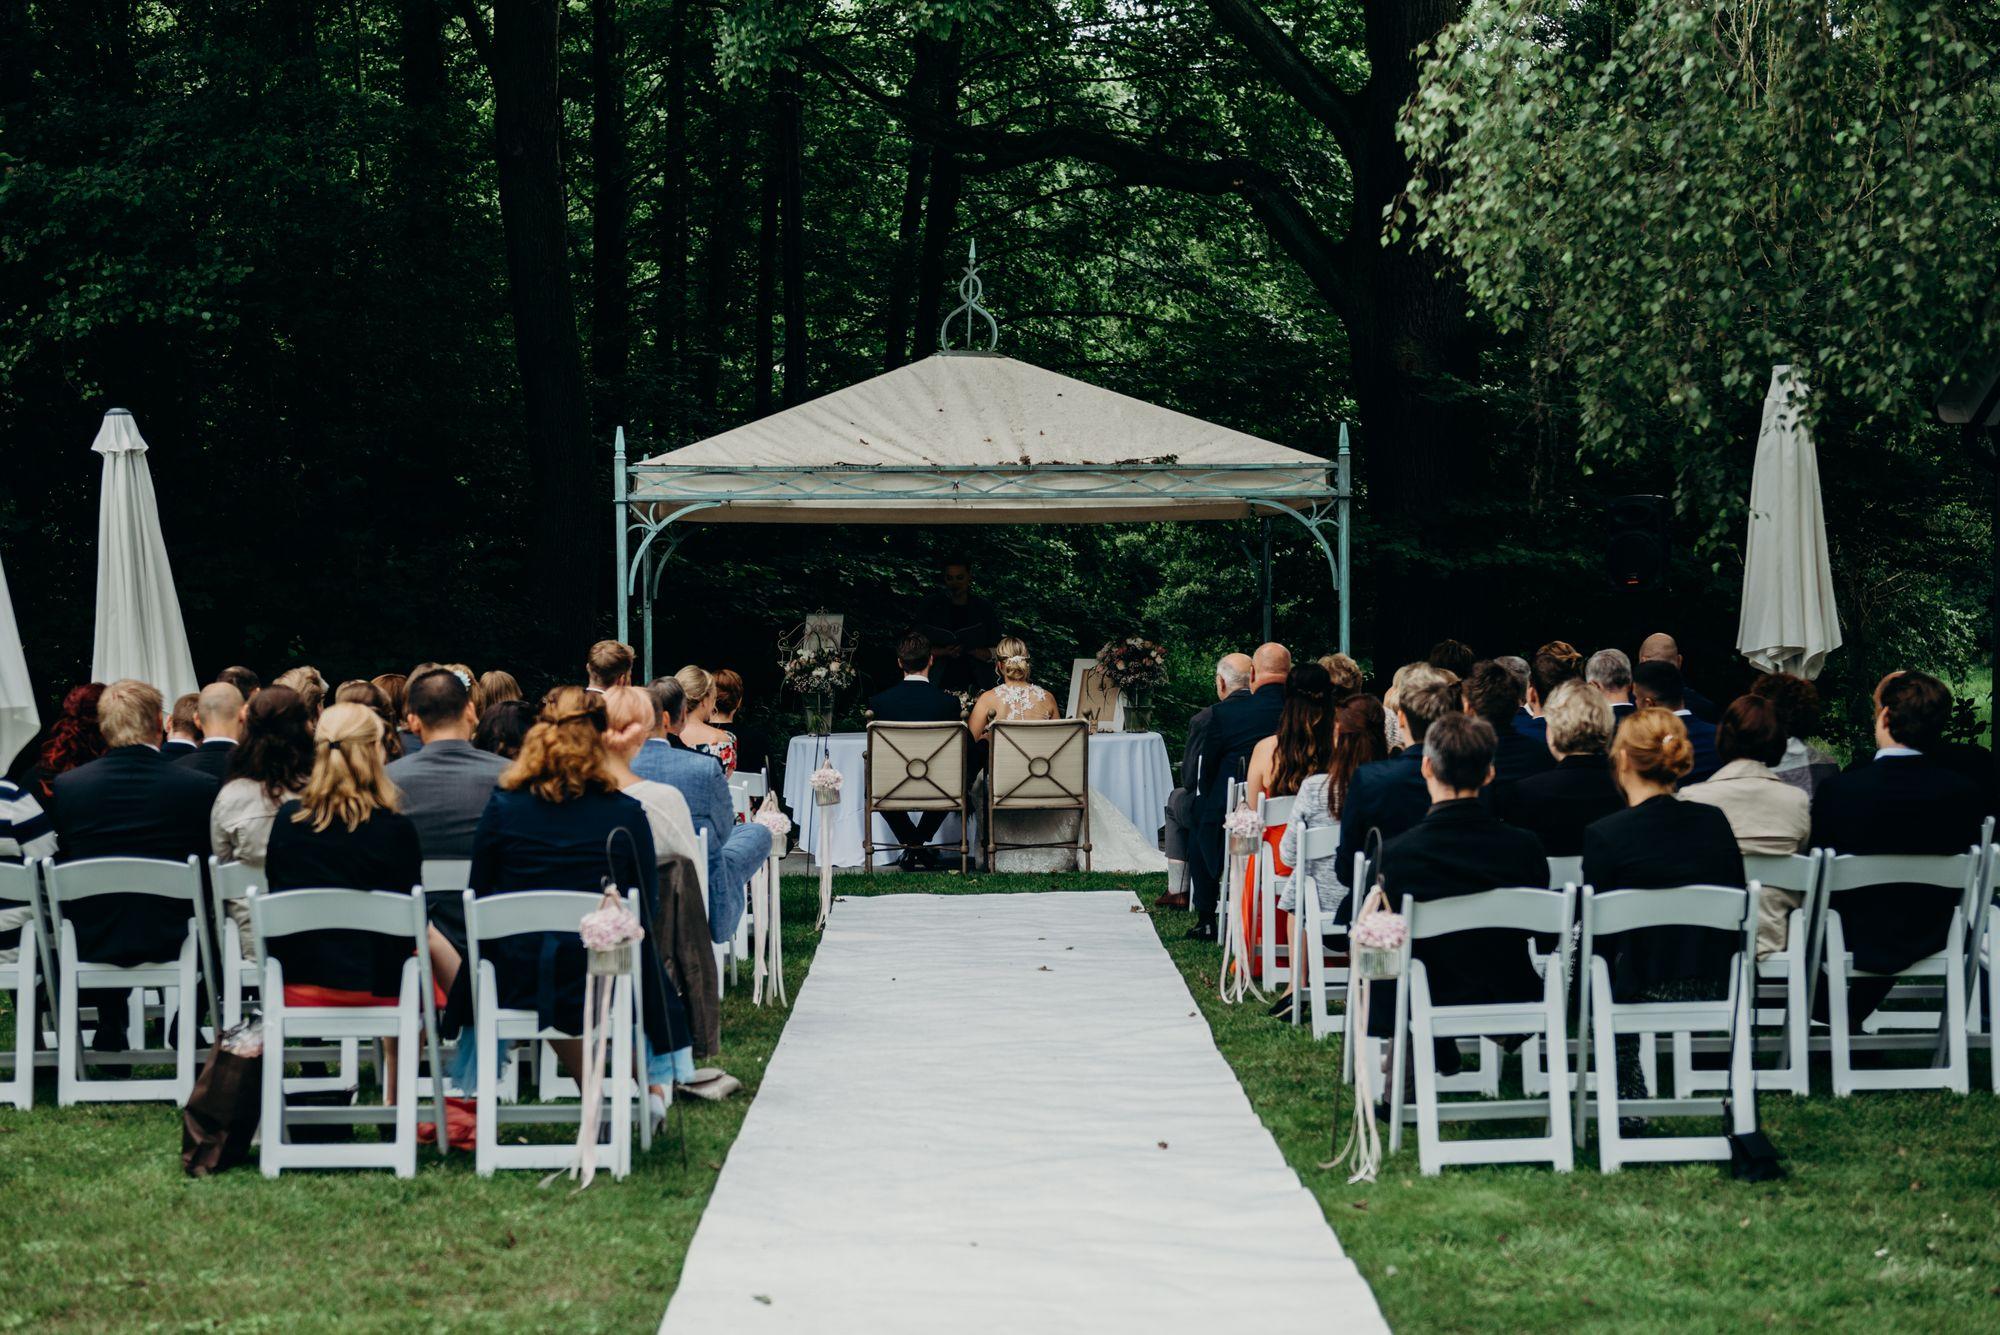 Trauung im Garten unter einem Pavillion mit dem Brautpaar und dem Trauredner